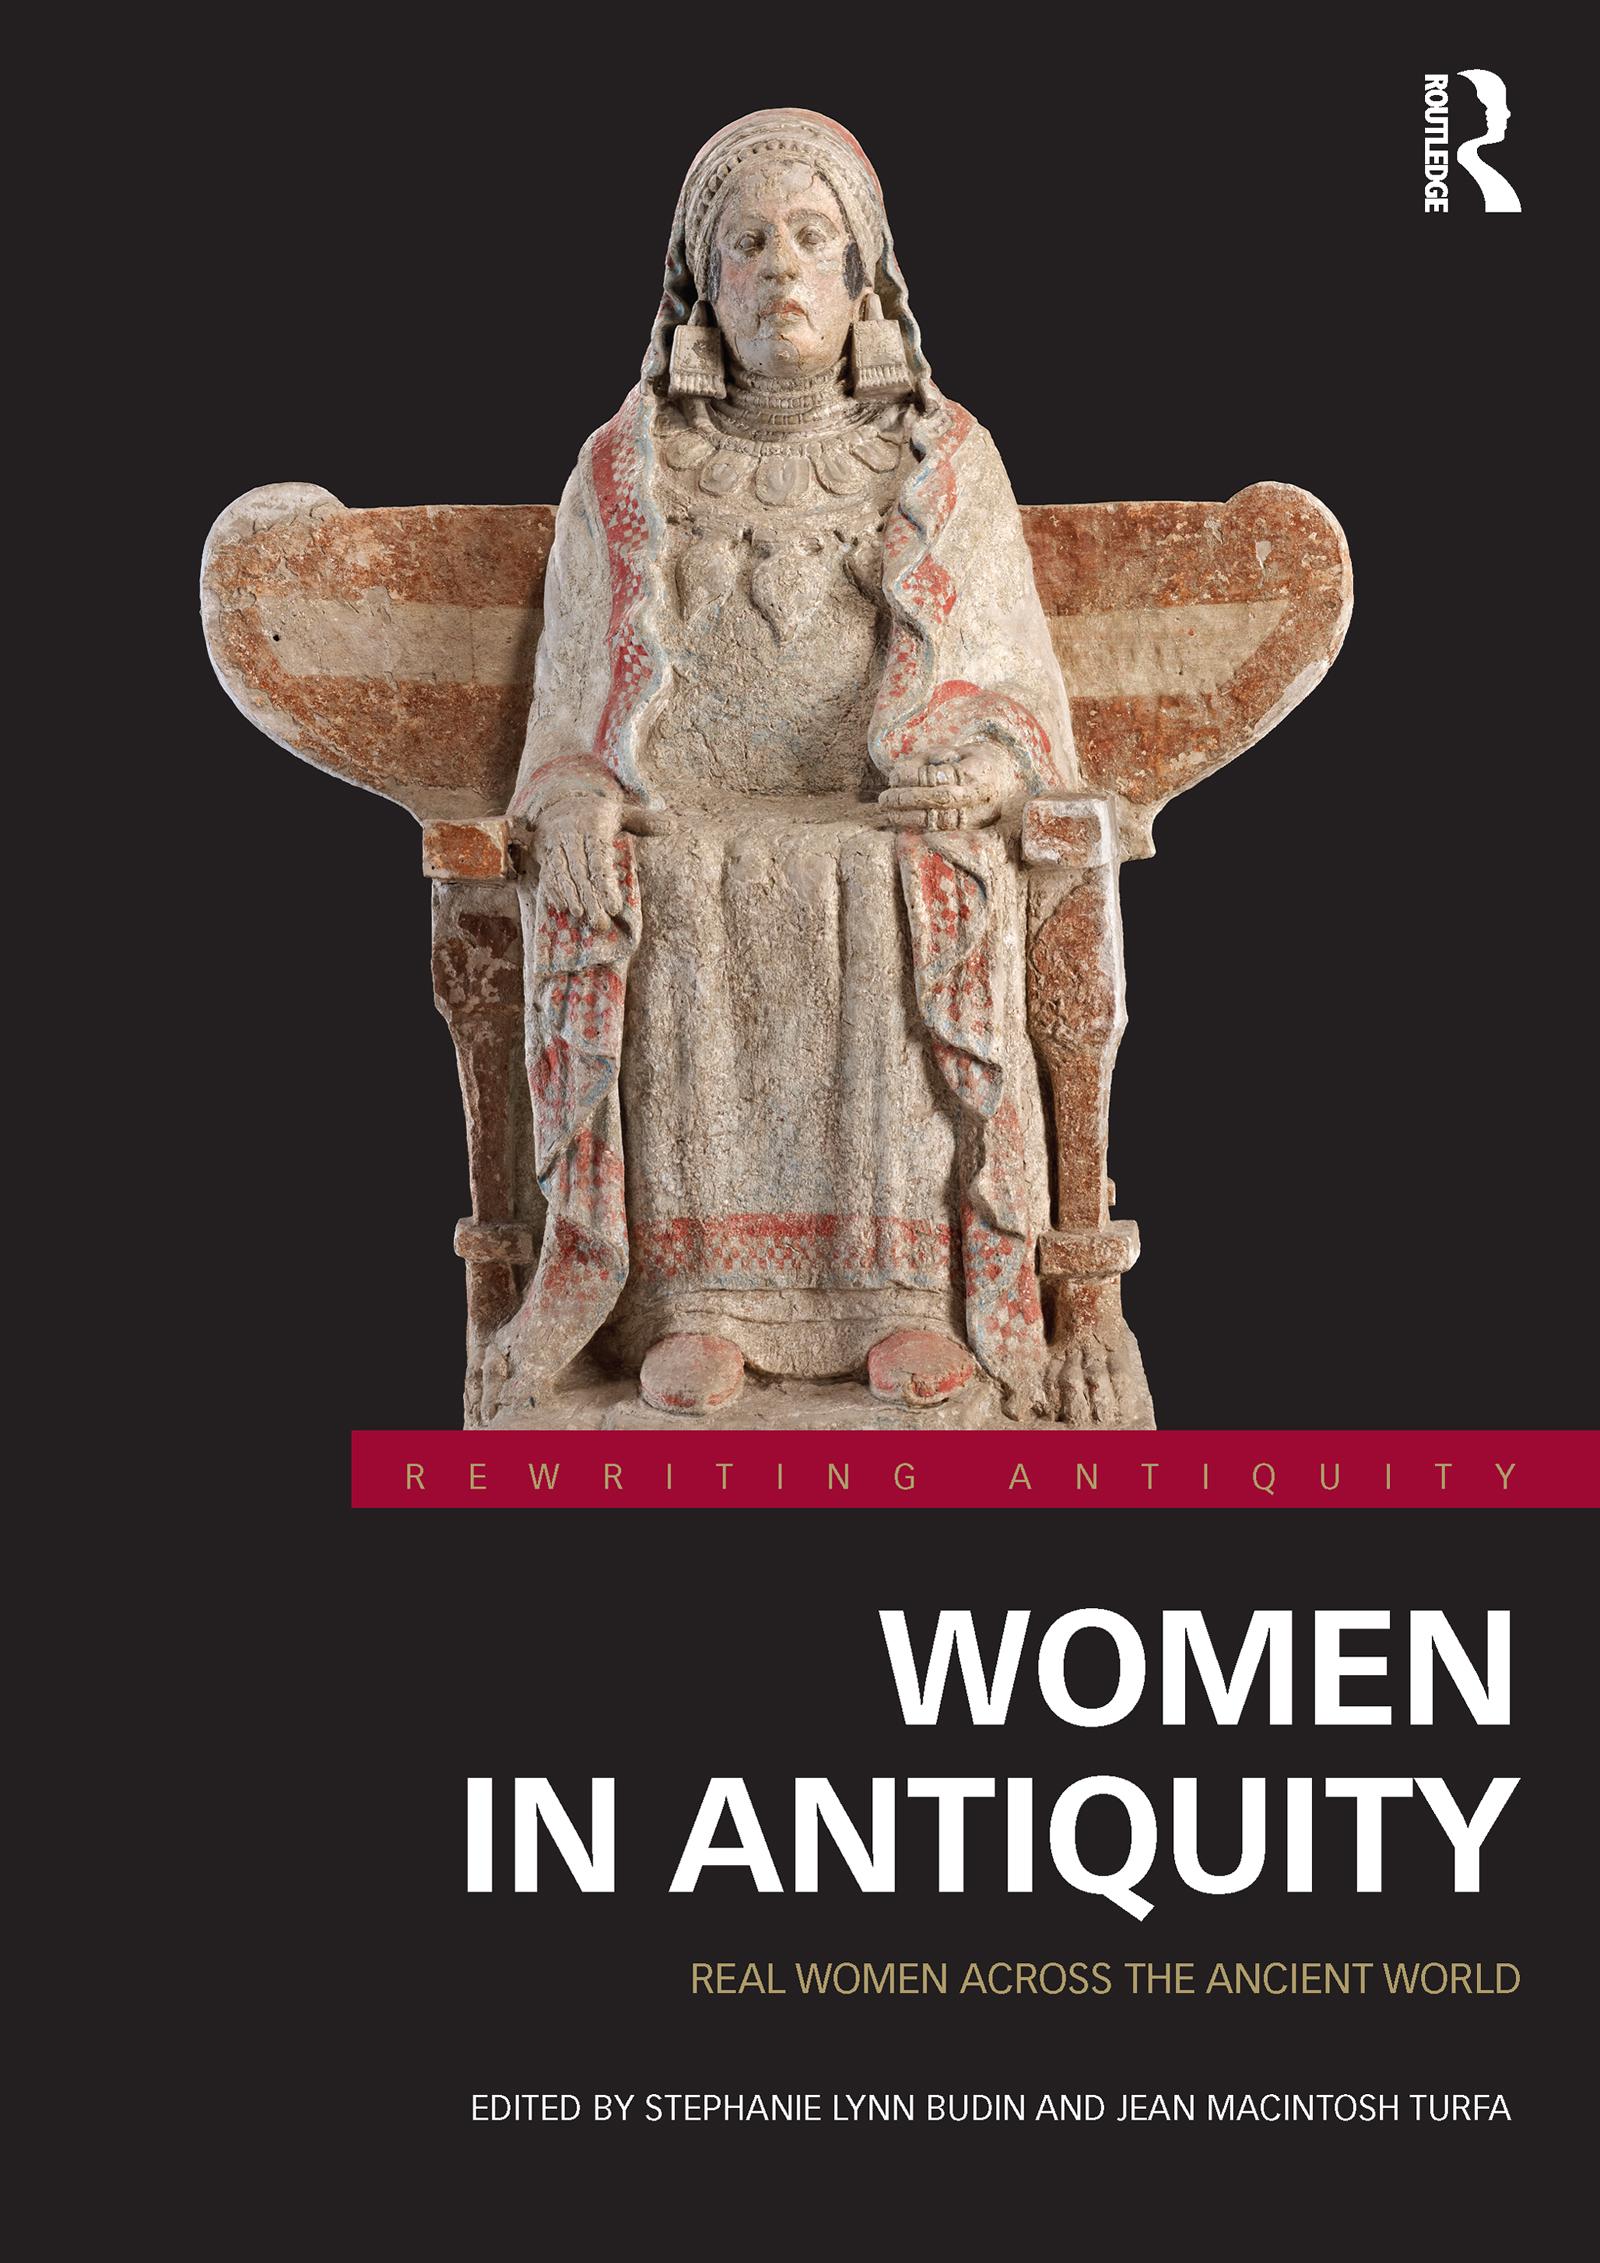 Women in Antiquity